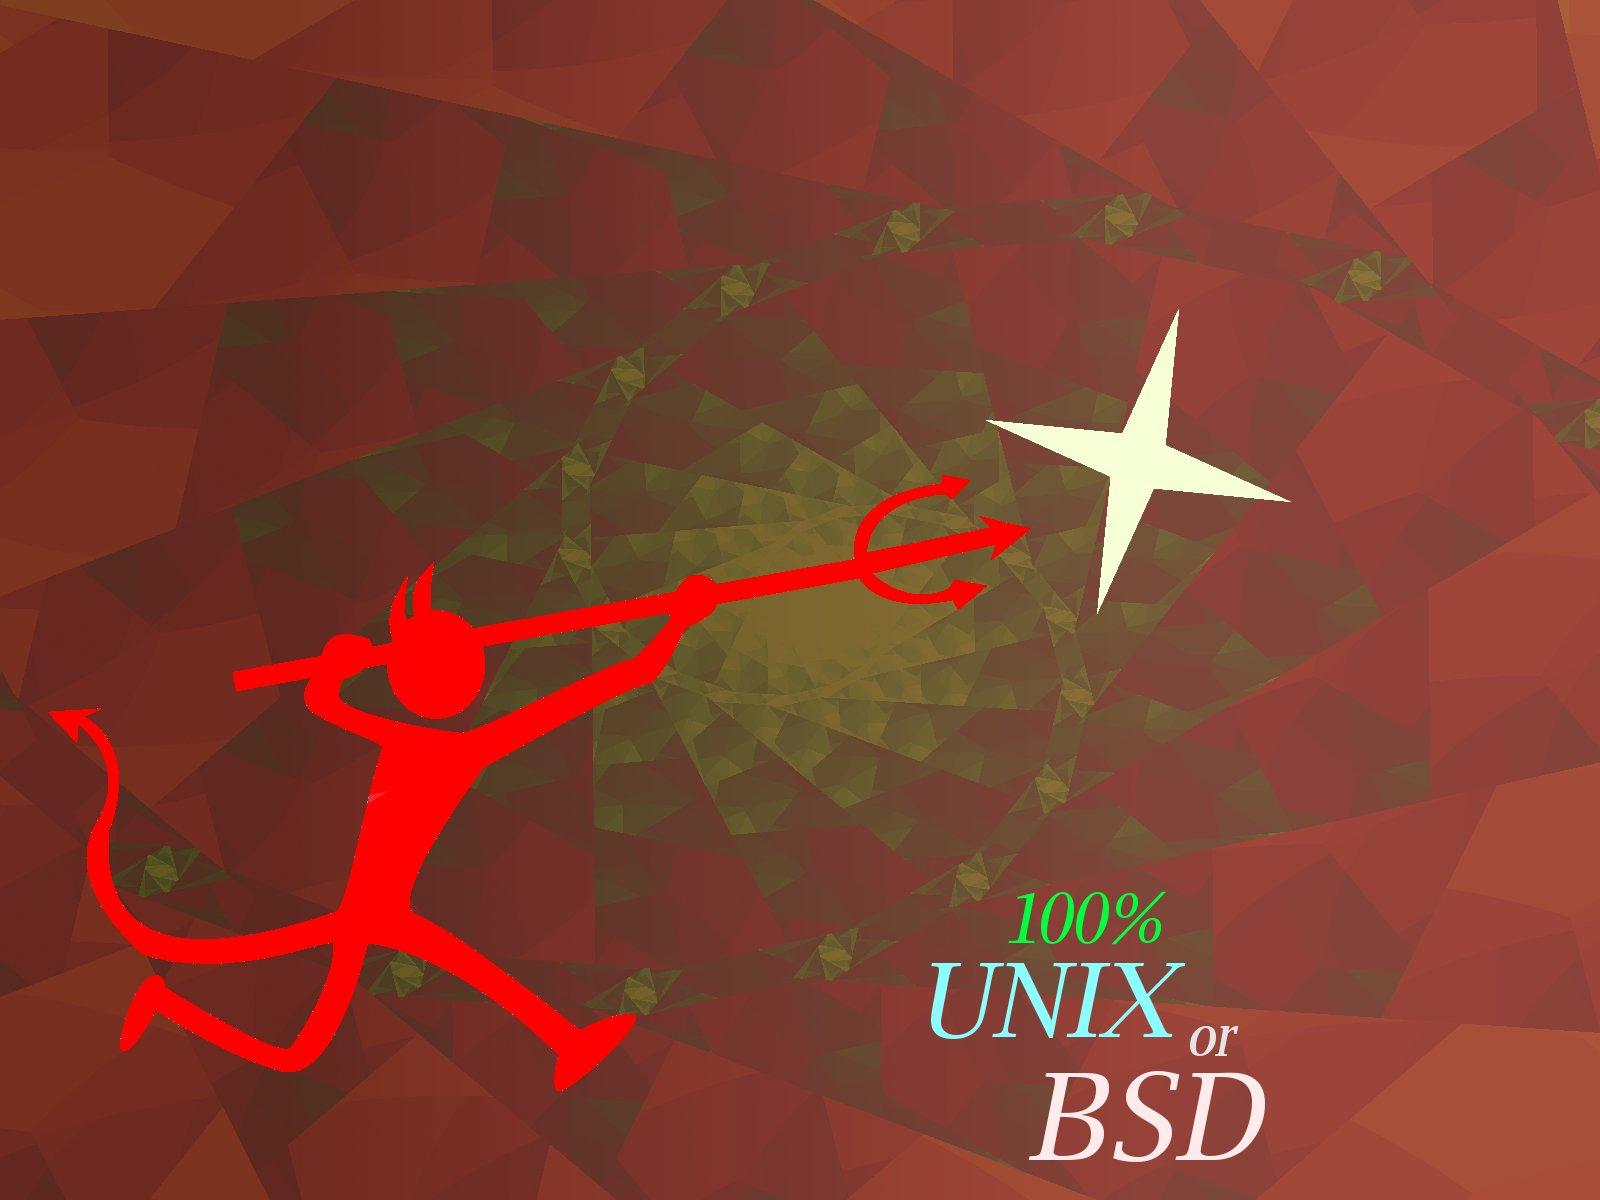 BSD Wallpaper by GaussianCat 1600x1200